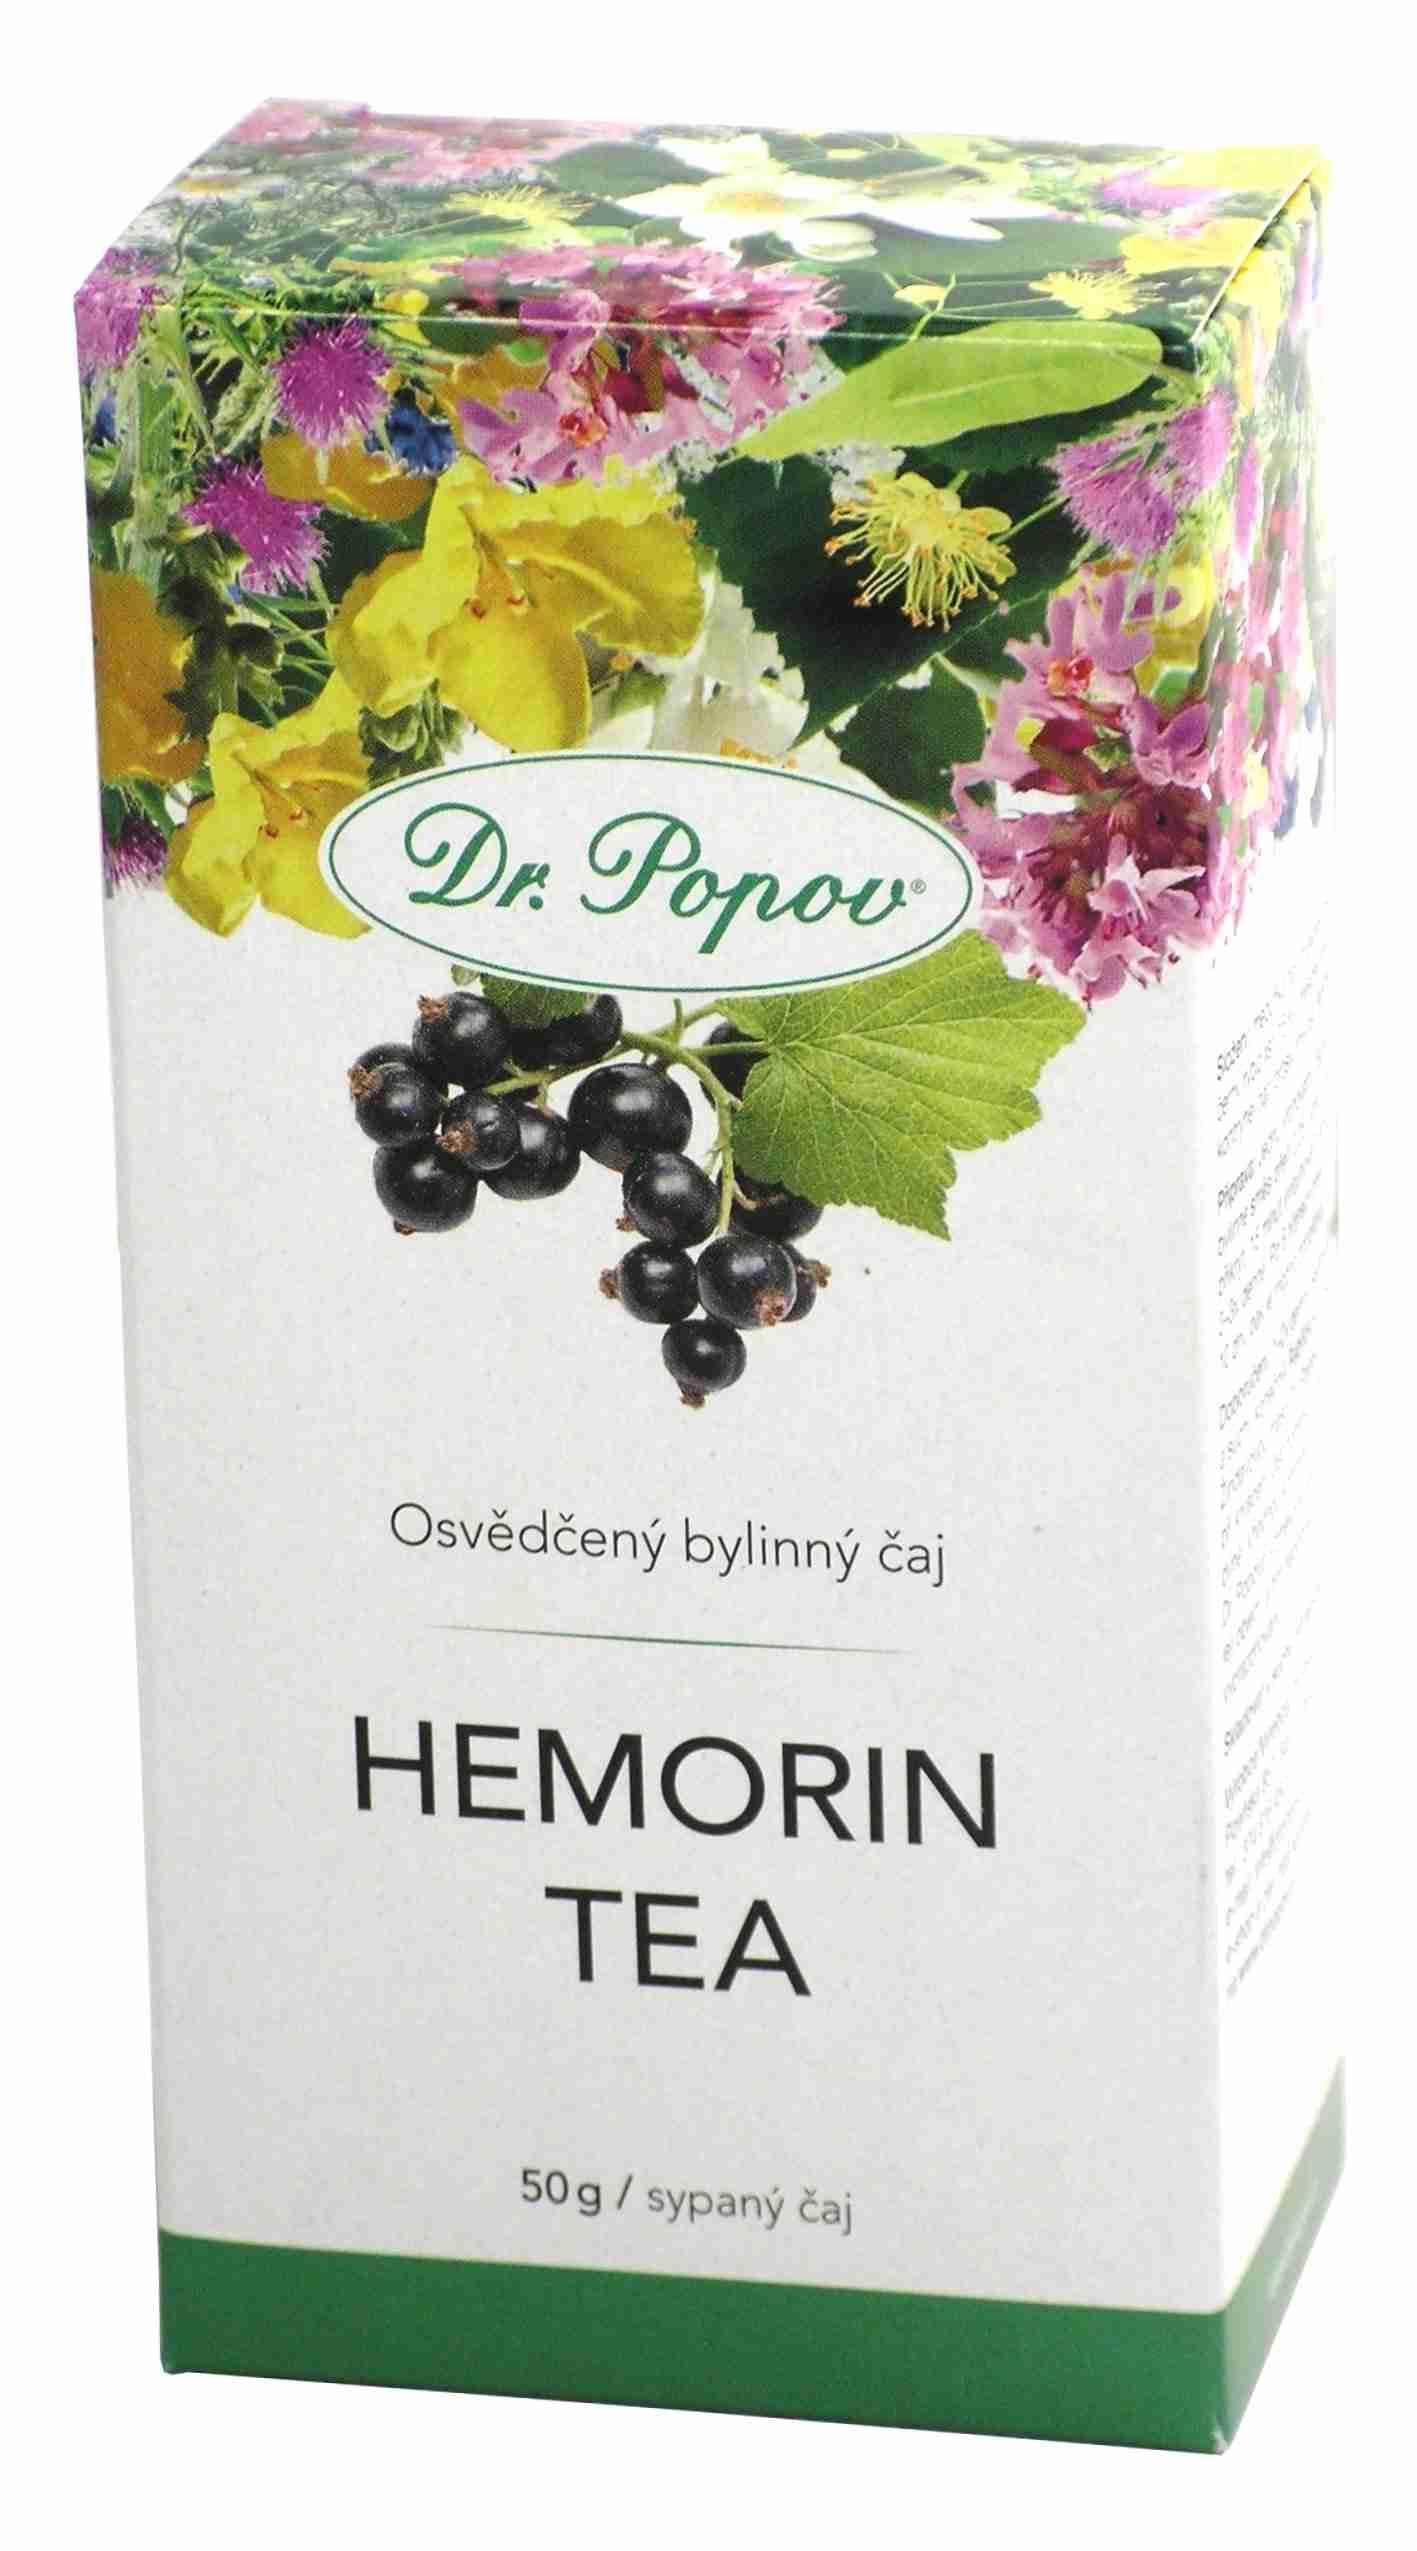 Dr. Popov Hemorin tea sypaný 50 g